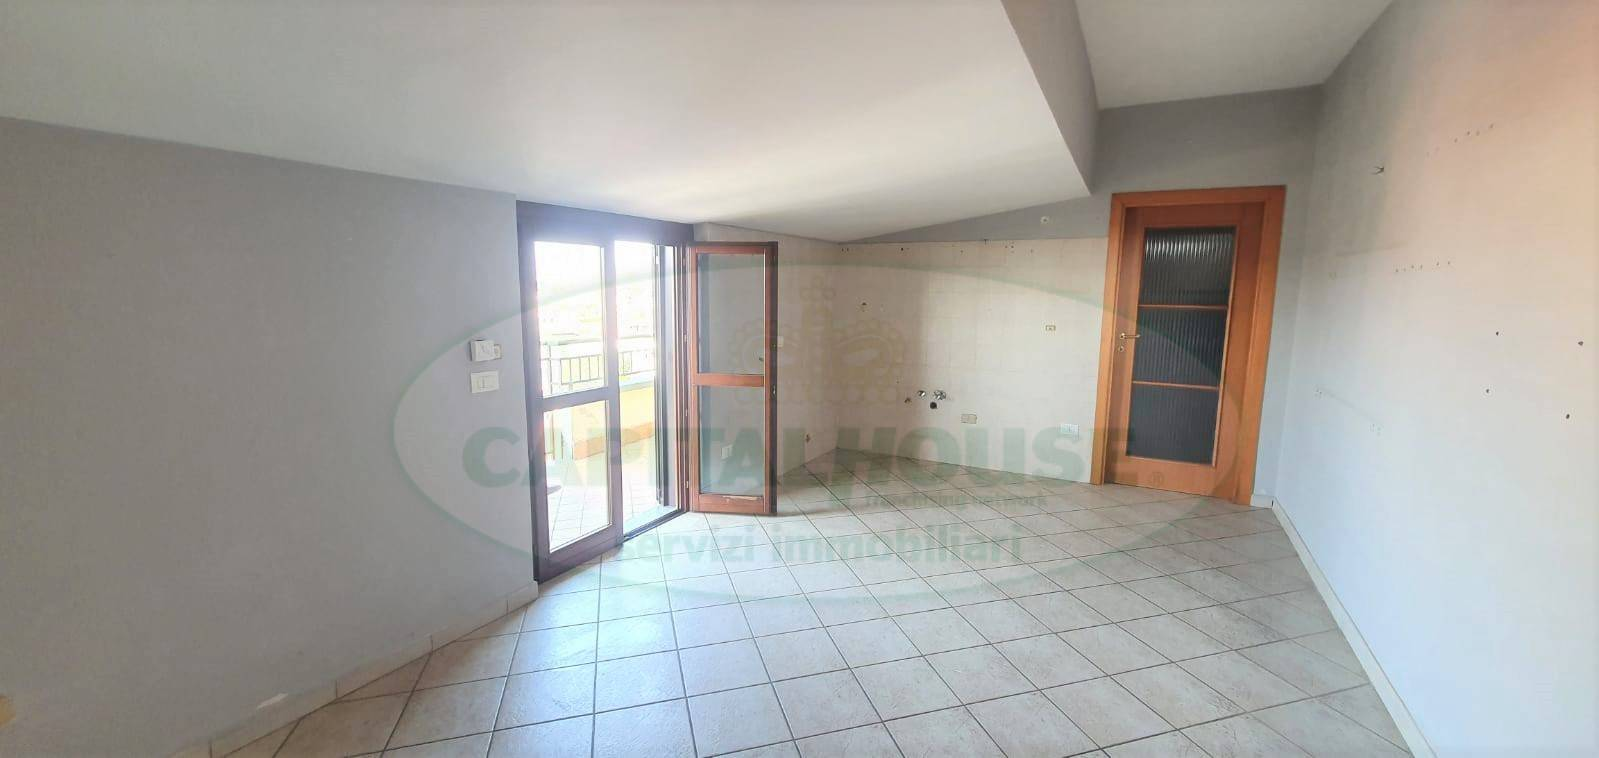 Appartamento in affitto a Caserta, 2 locali, zona Località: SanBenedetto, prezzo € 350 | CambioCasa.it